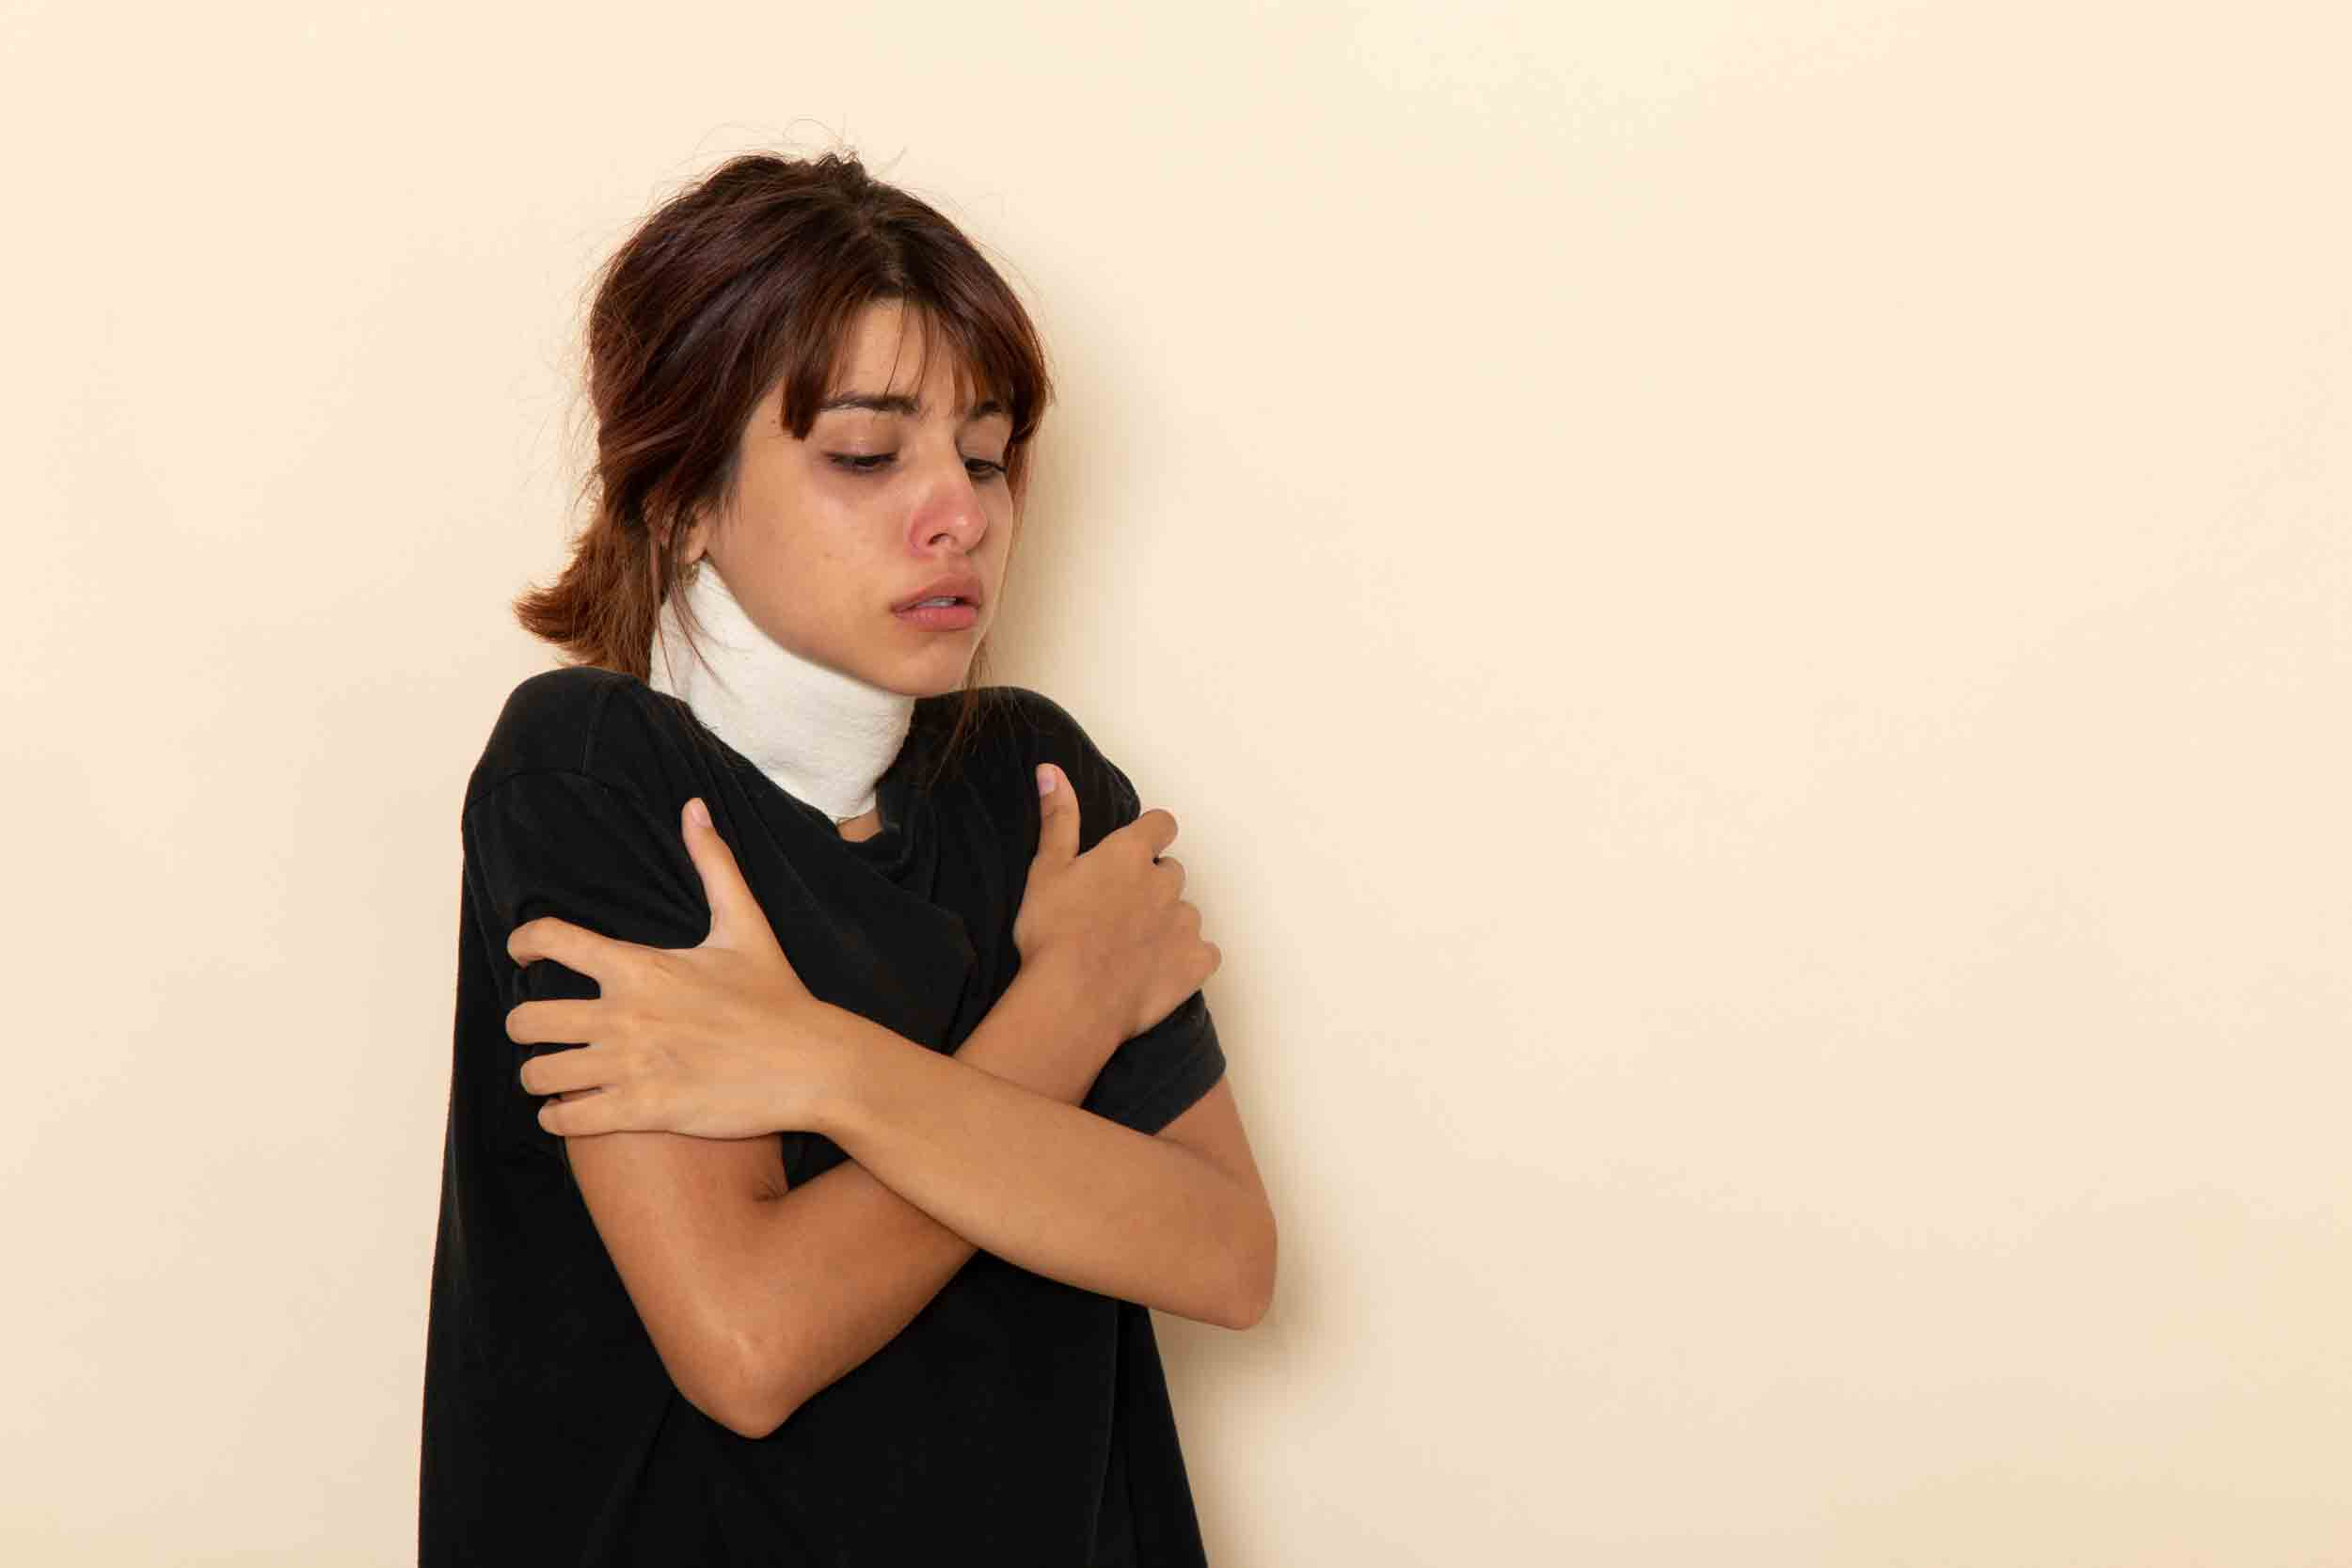 Une hausse de la température du corps provoque parfois des frissons